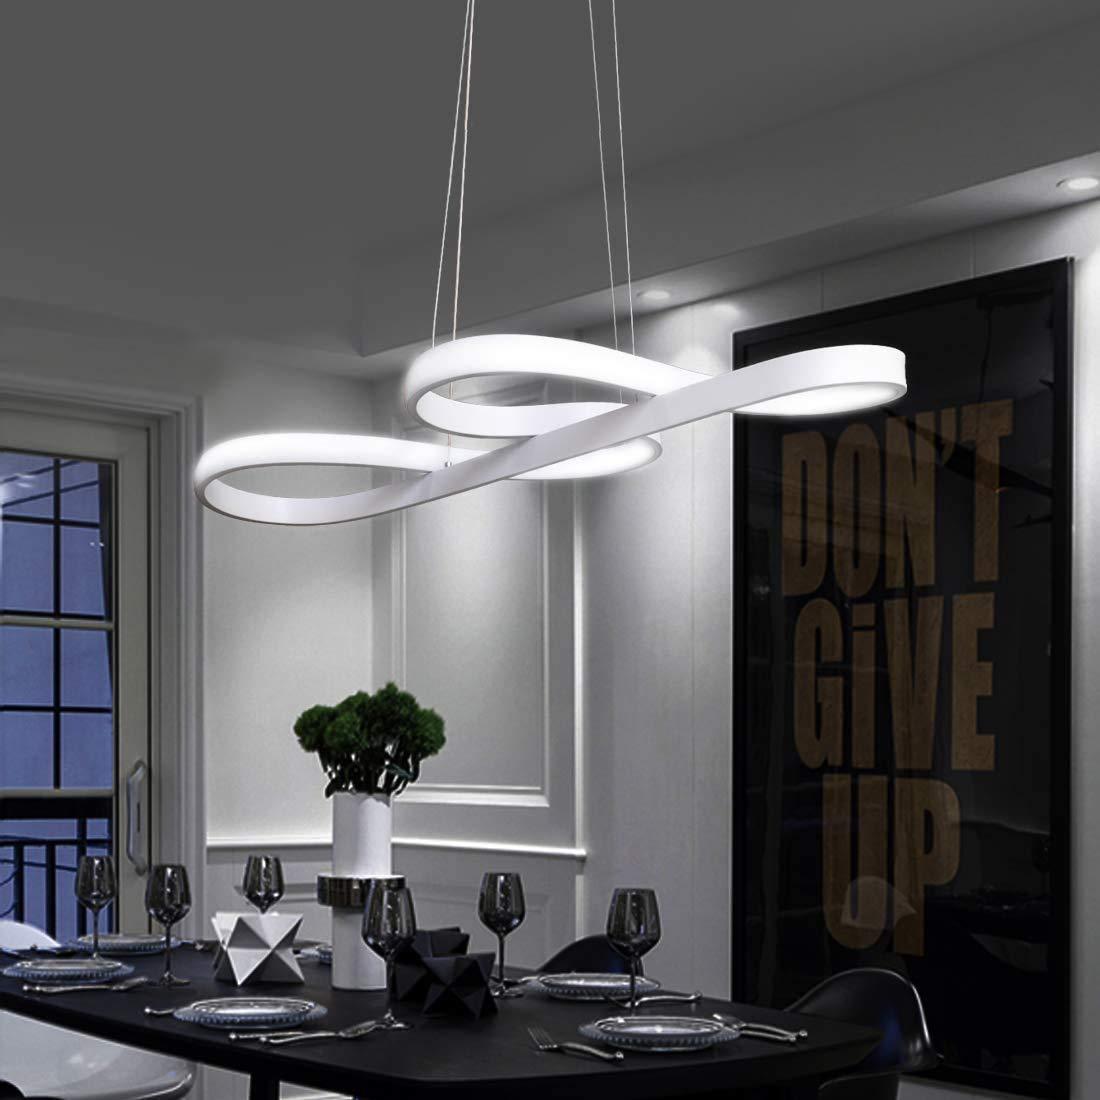 ZMH LED Pendelleuchte esstisch Weiß Hängelampe wohnzimmer 8W Dimmbar mit  Fernbedienung Esstischlampe für Esszimmer Pendellampe Kronleuchte